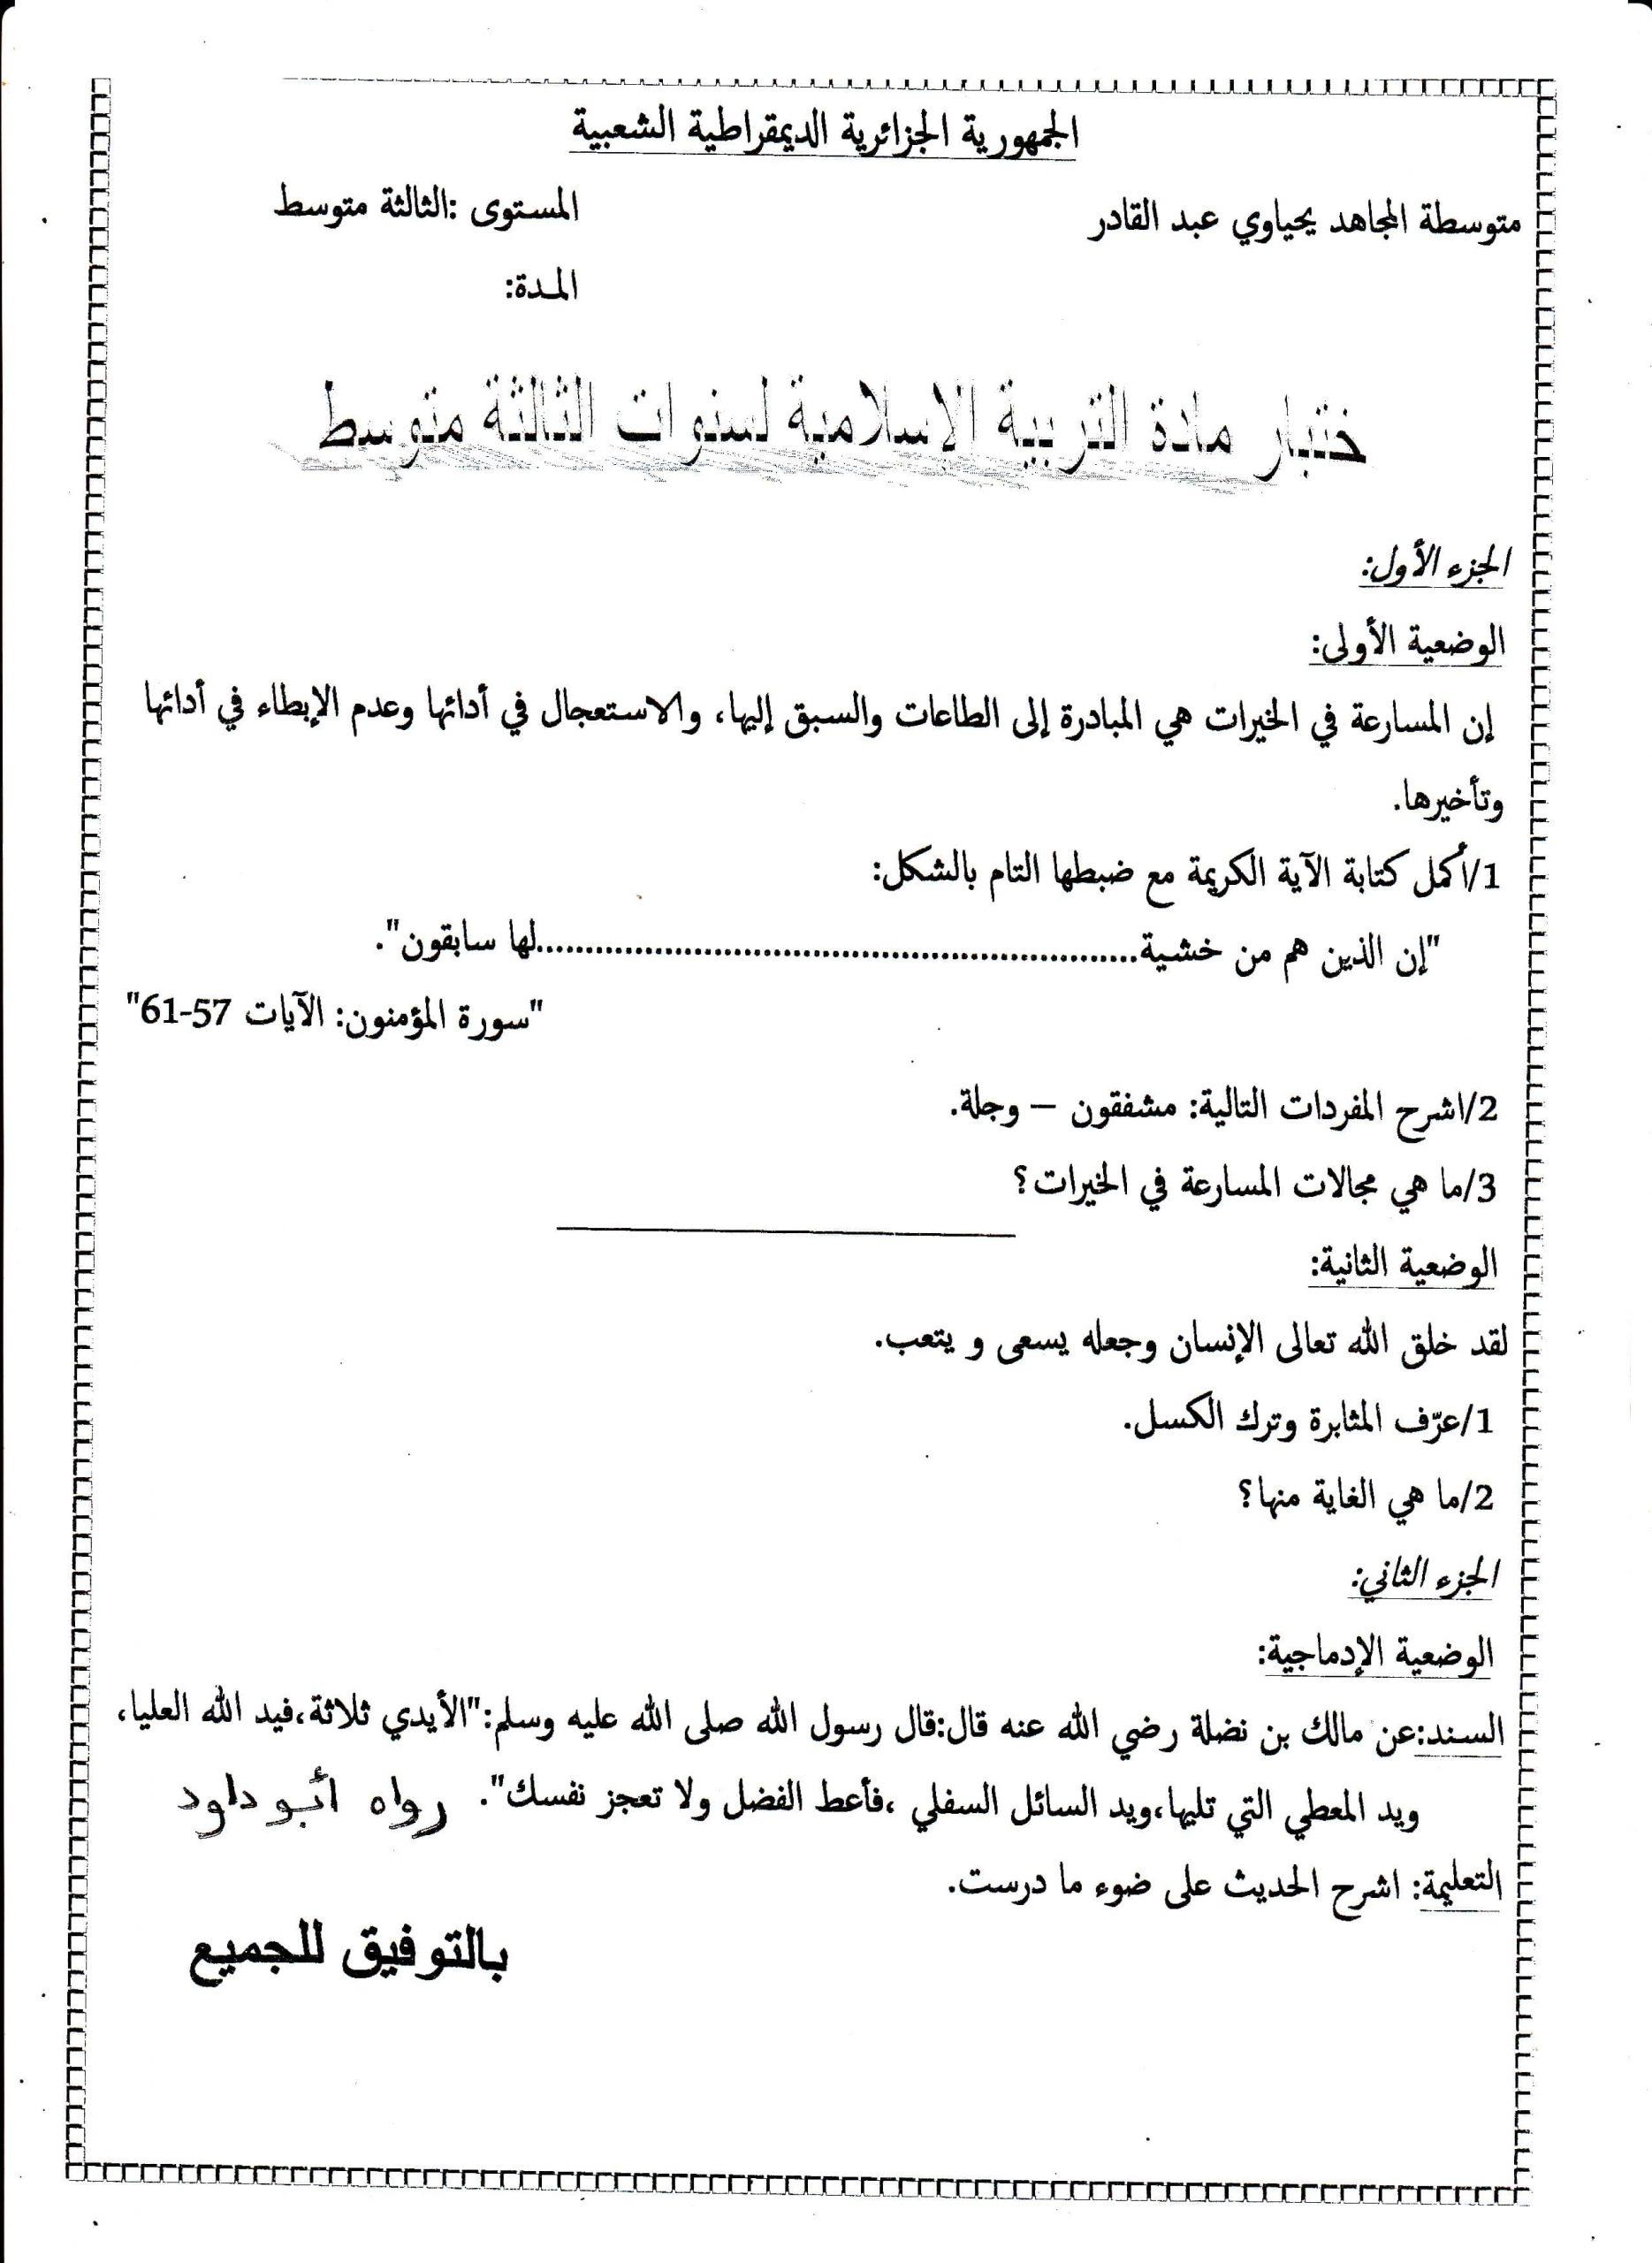 اختبار الفصل الثالث في التربية الاسلامية السنة الثالثة متوسط | الموضوع 02